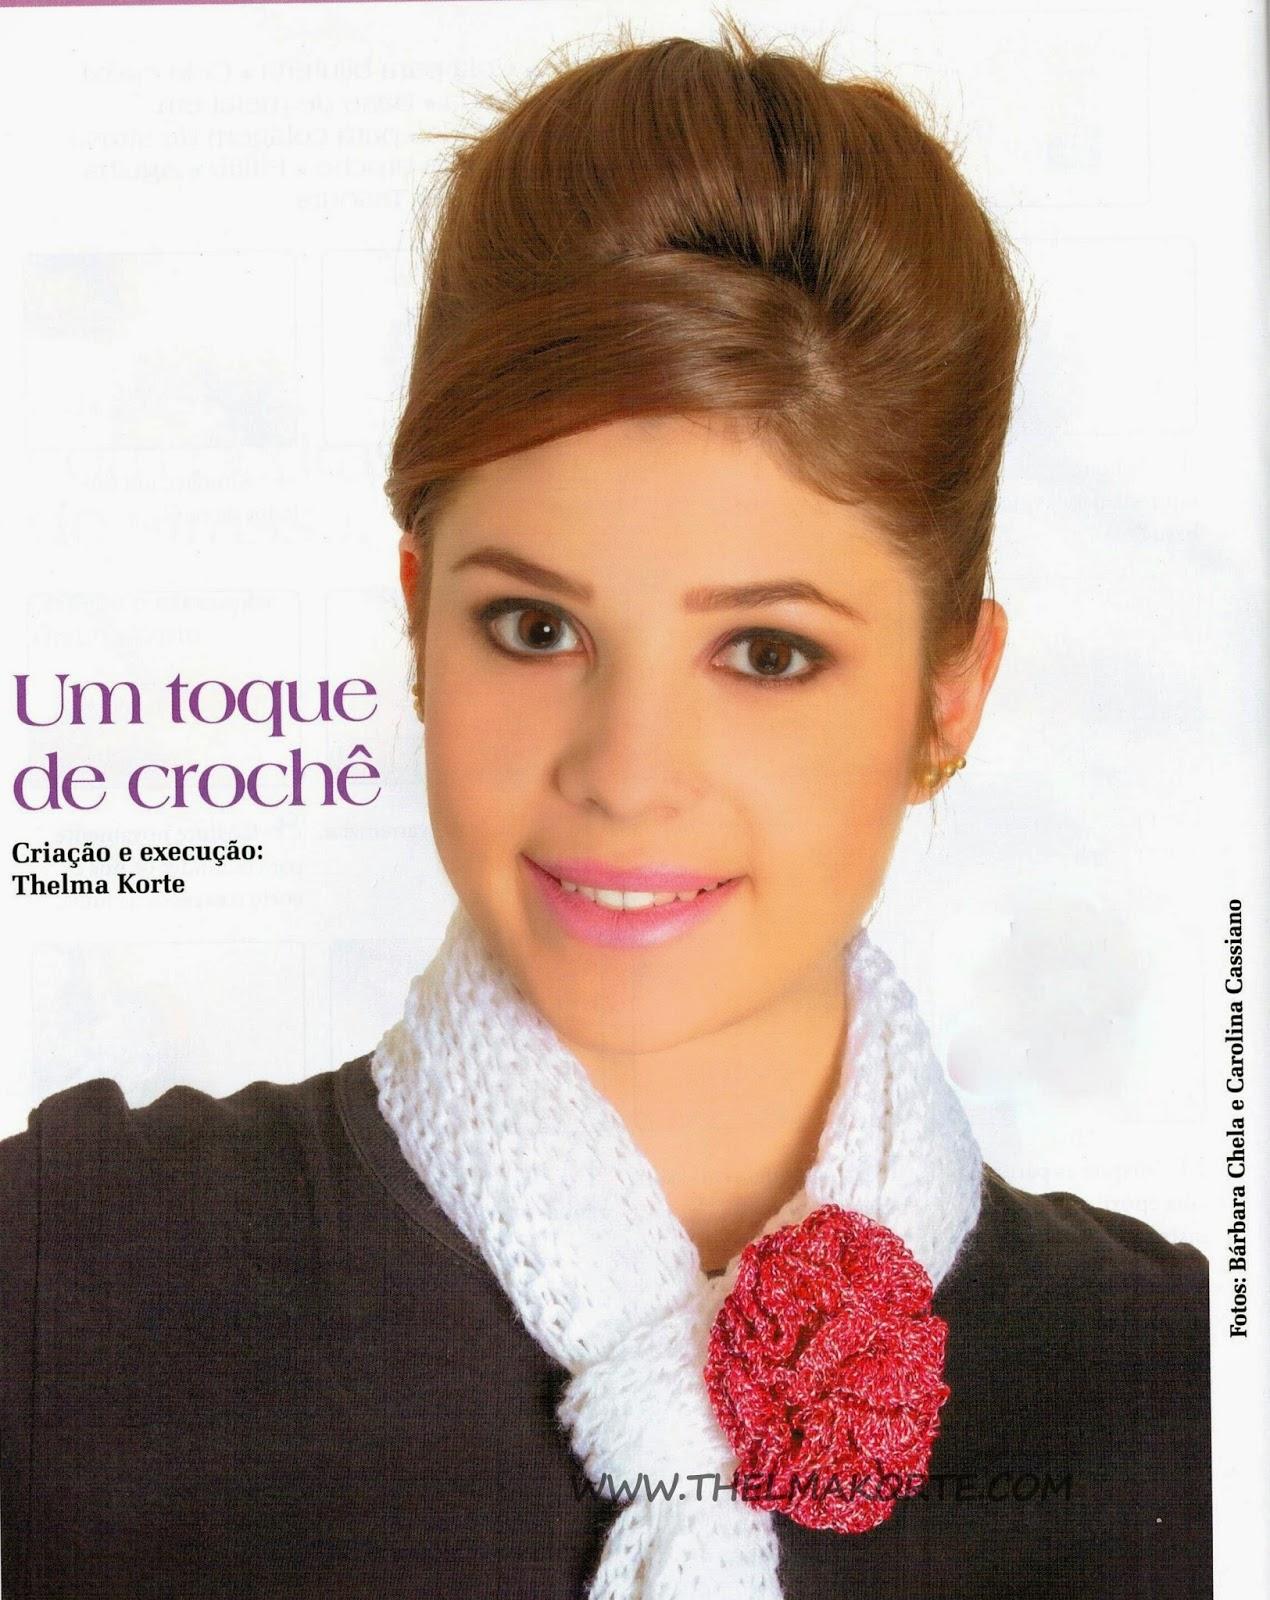 RECEITA DE BROCHE EM CROCHE